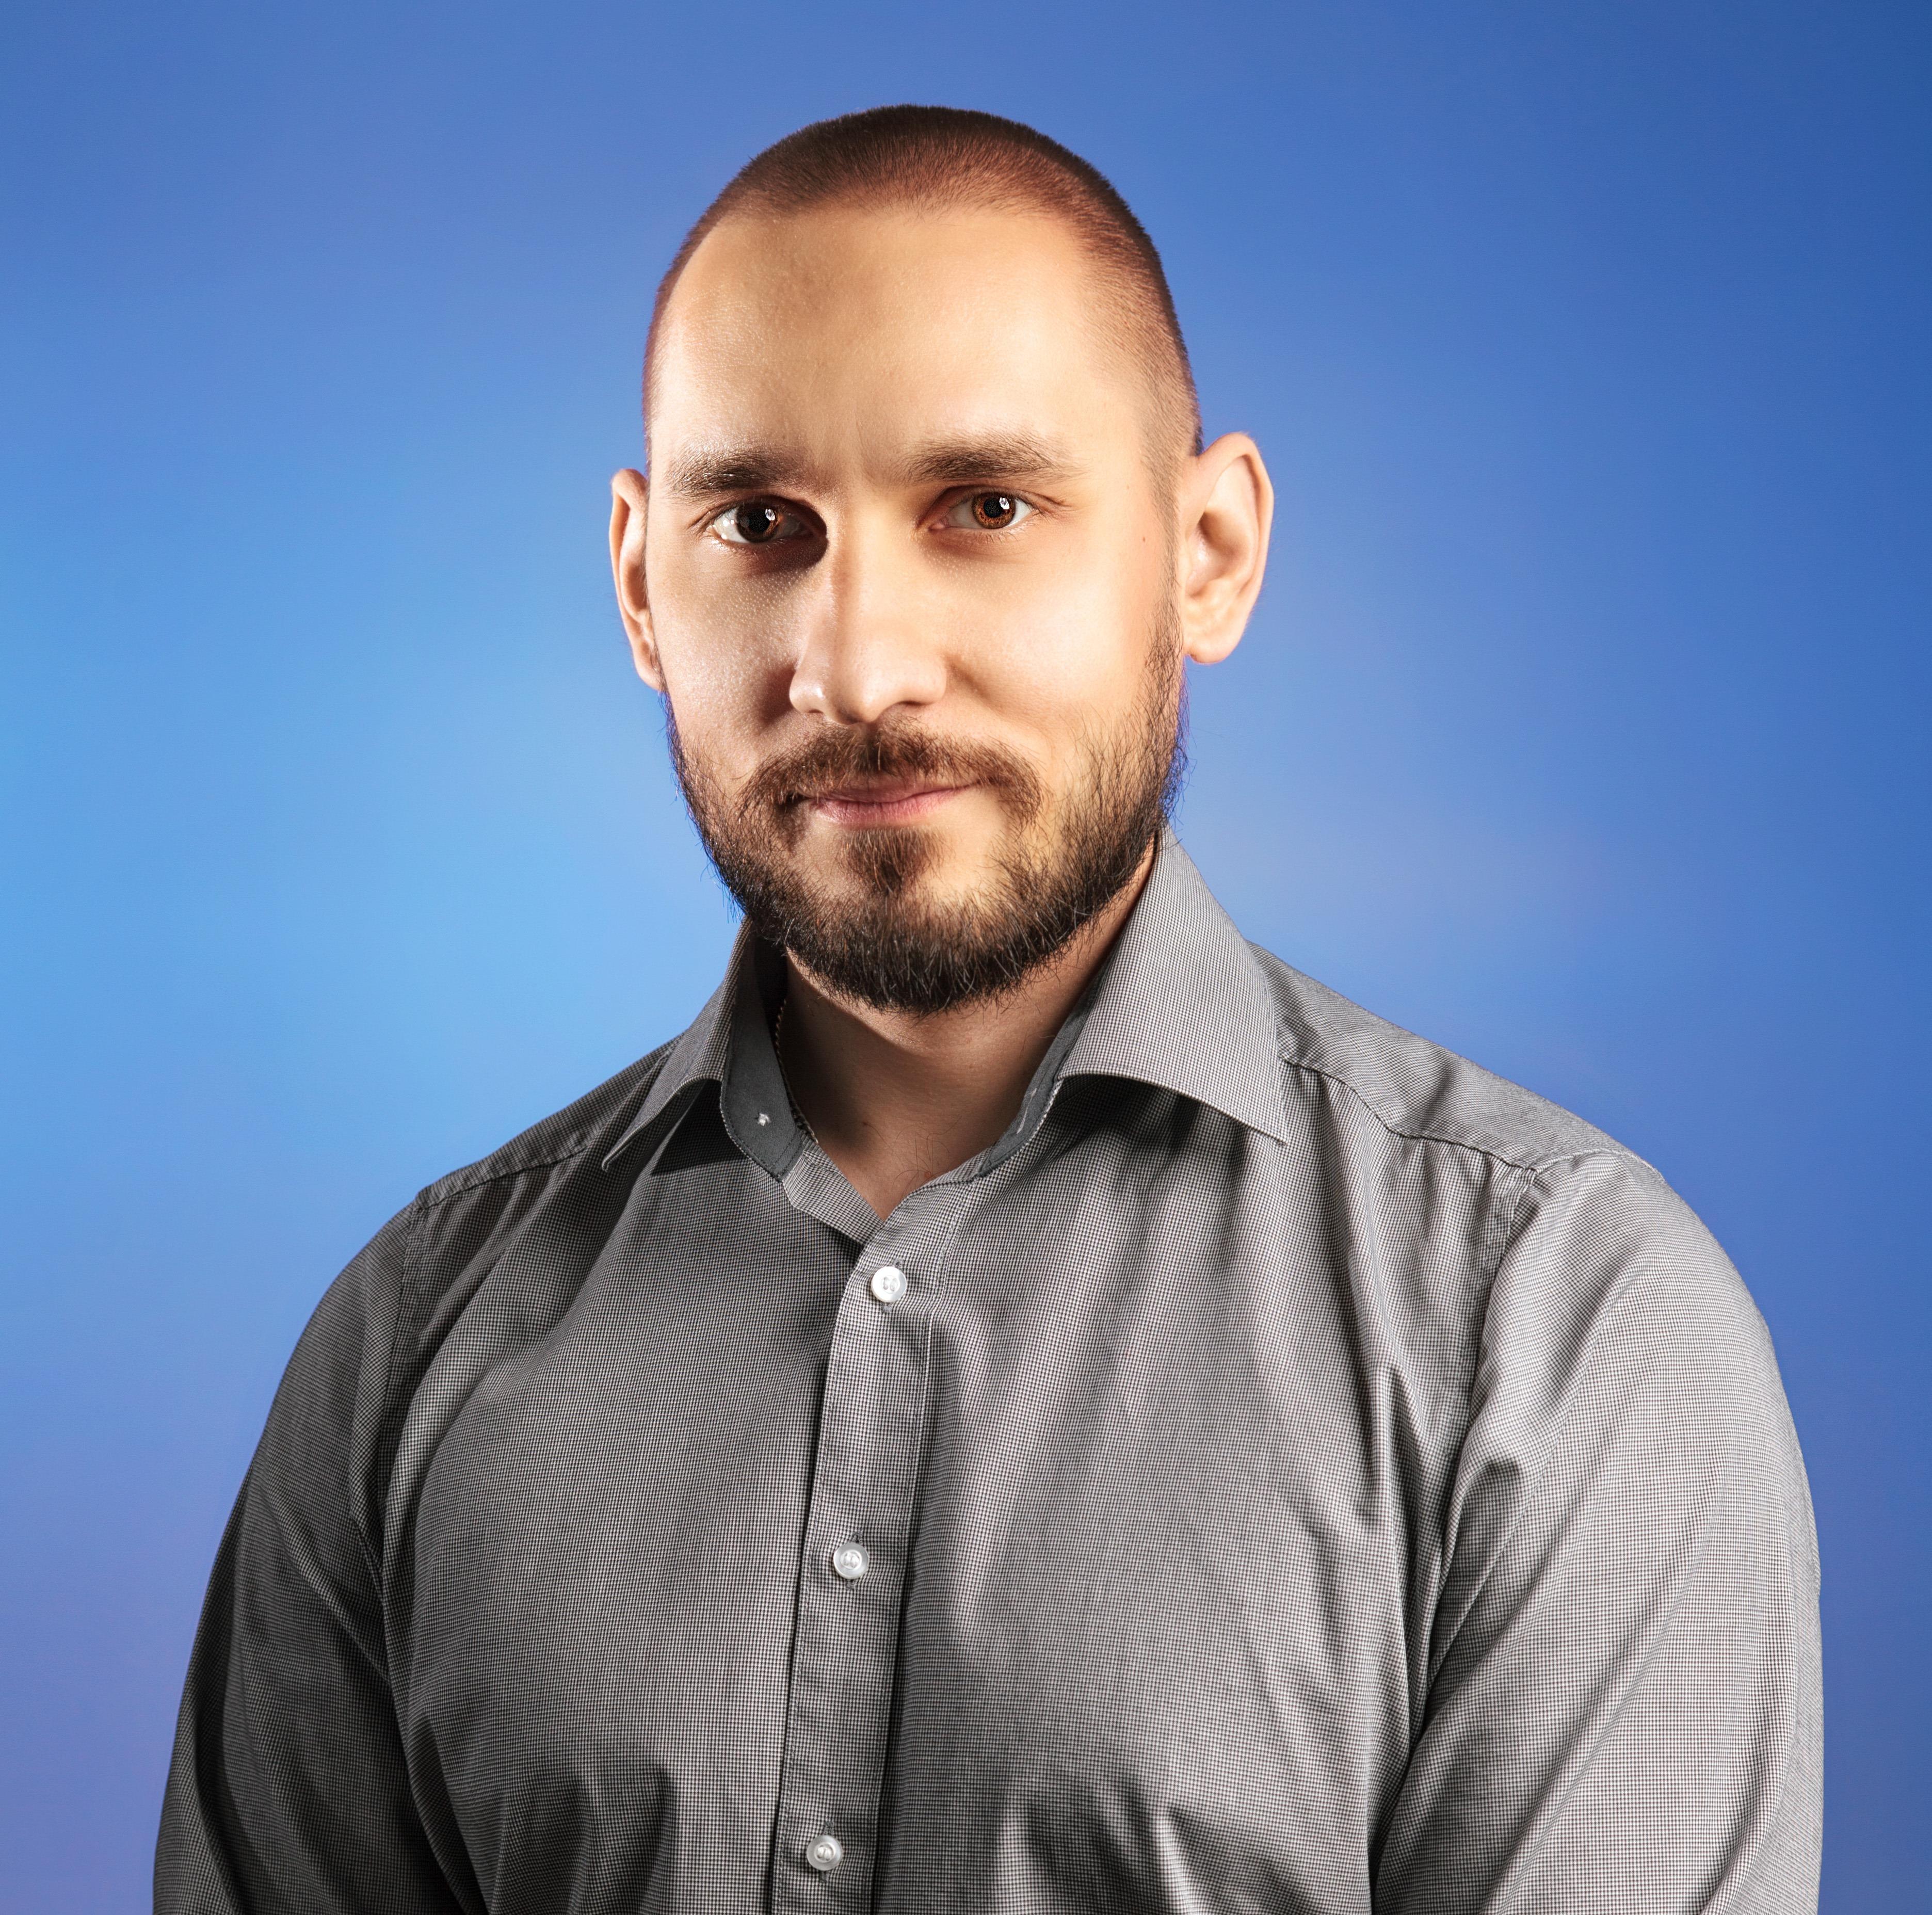 Денис Желтовский: «Рынок азартных игр в СНГ еще молодой, но очень перспективный»